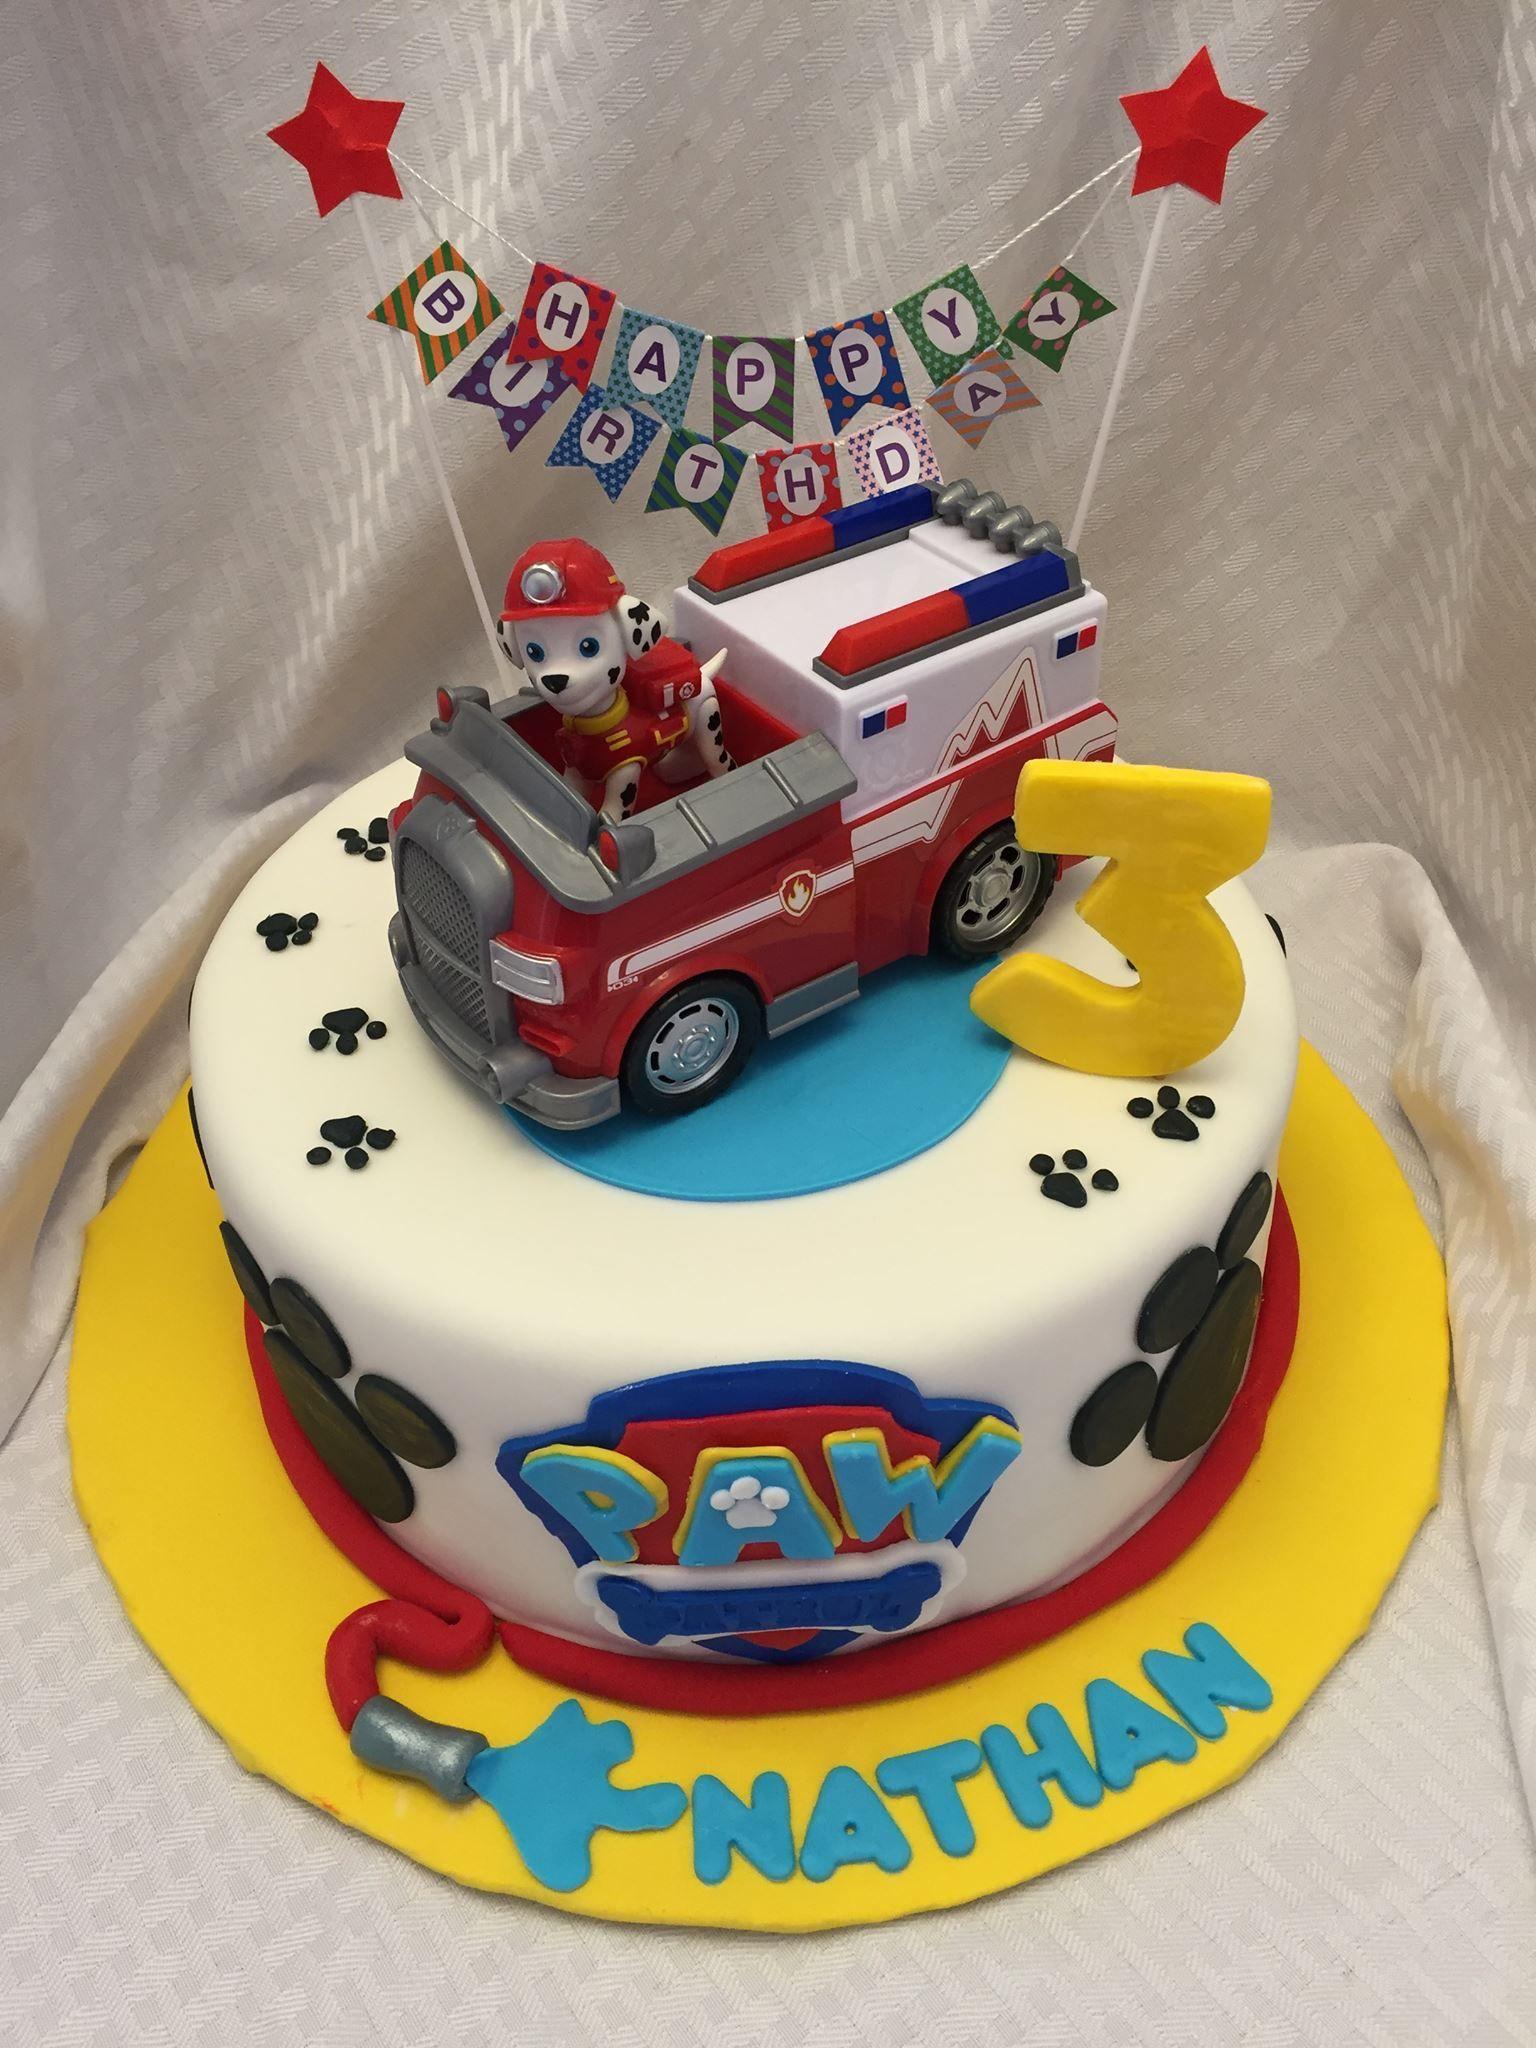 Astounding Paw Patrol Cake With Images Paw Patrol Birthday Cake Paw Personalised Birthday Cards Beptaeletsinfo